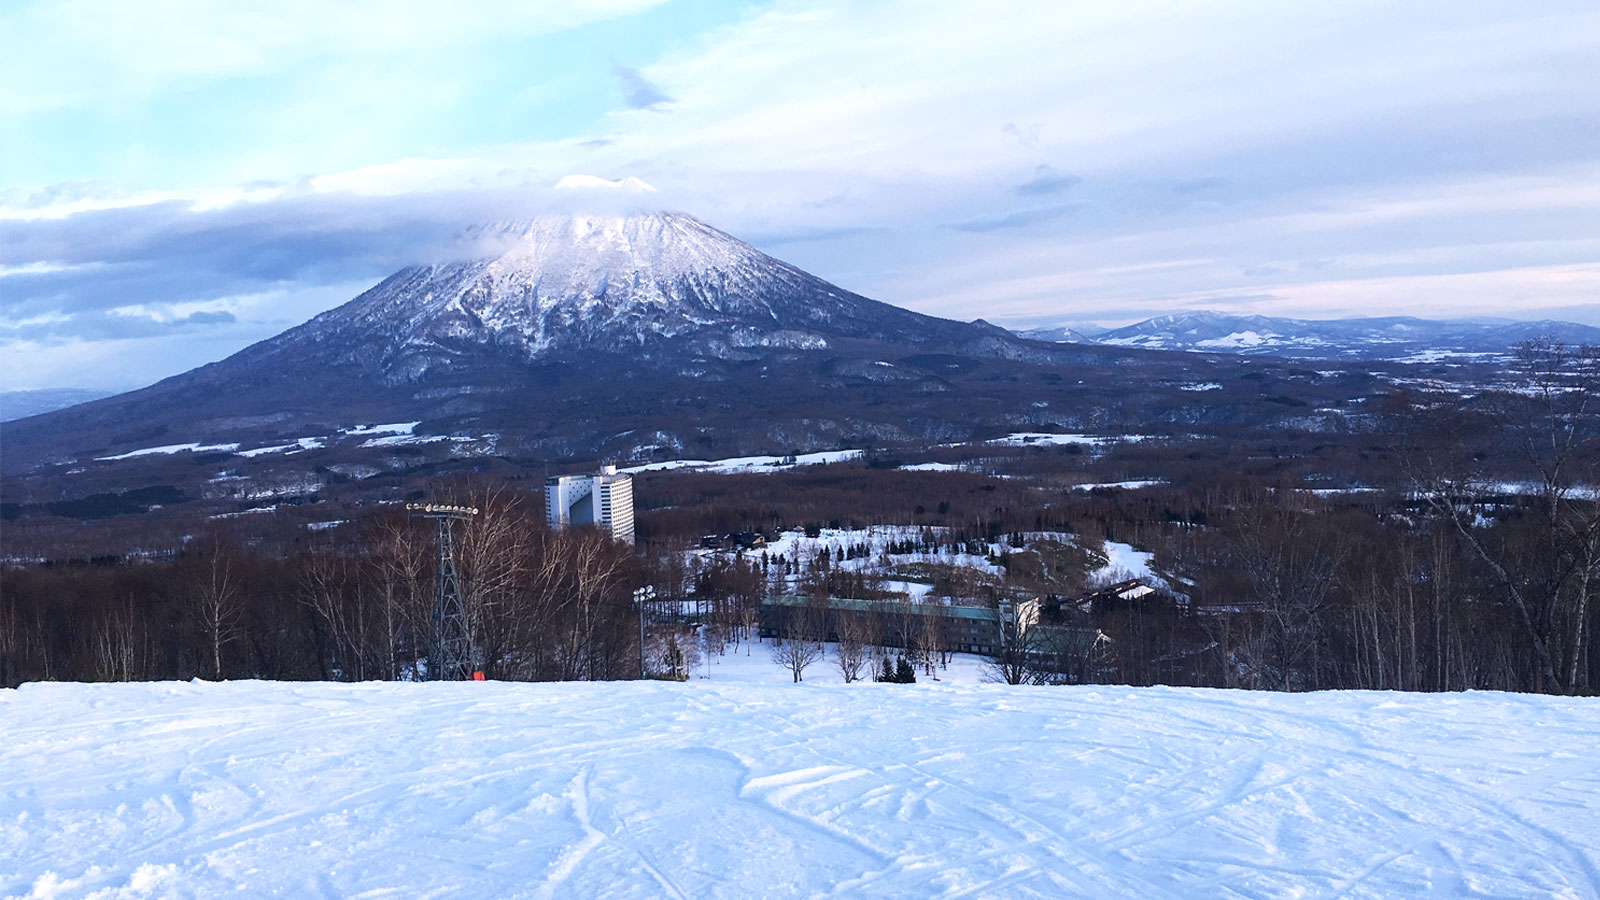 Mountain views and ski hills on a Japan ski holiday